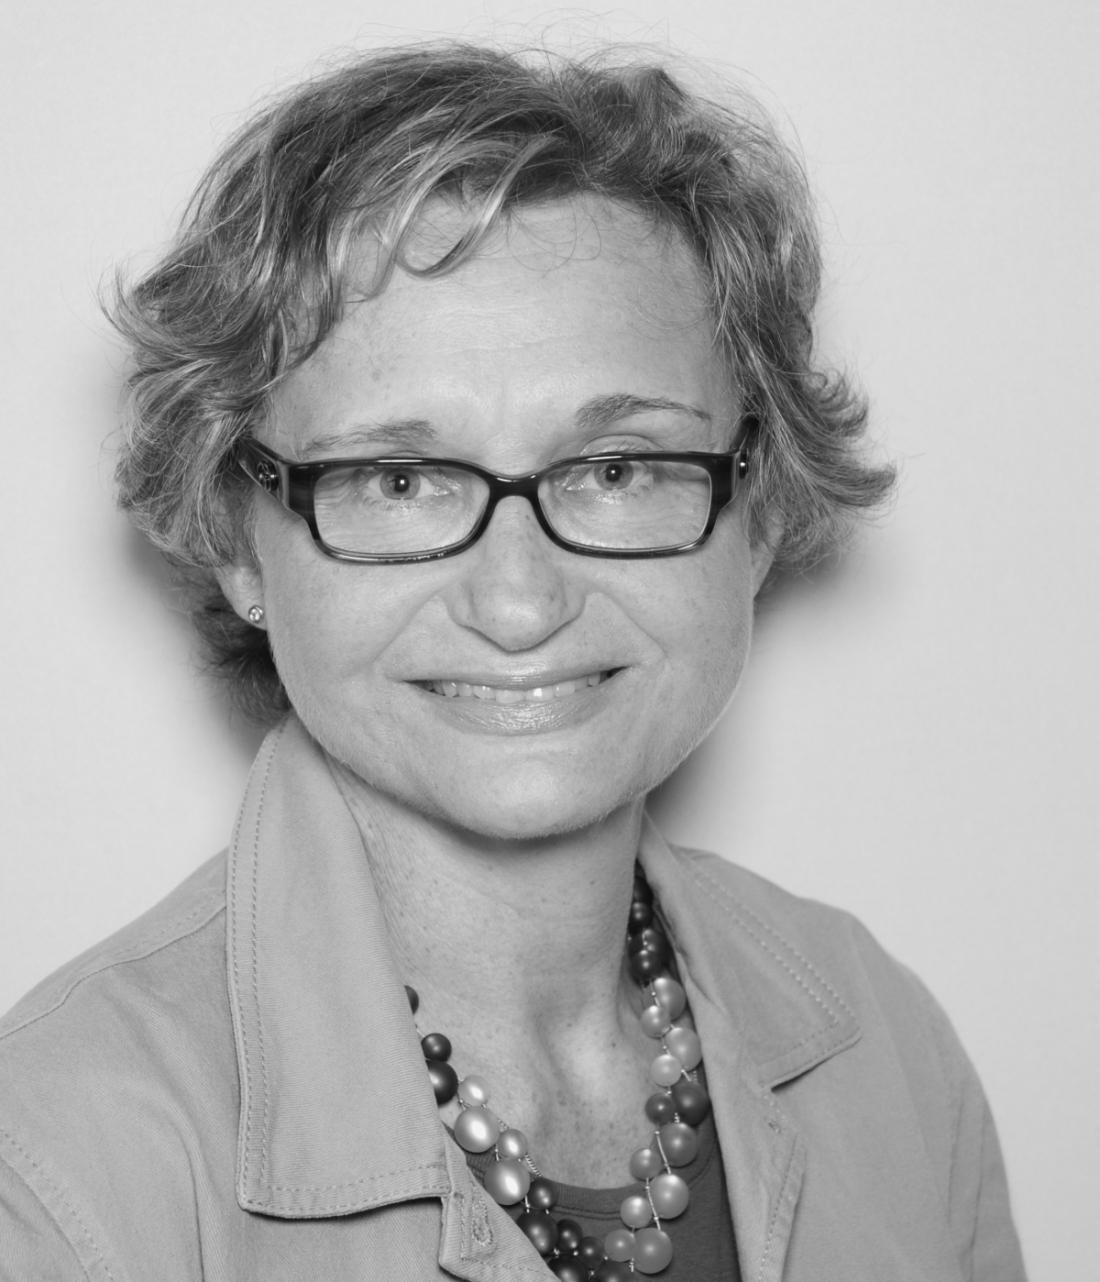 Cécile Procureur Dirigeante et réseauteuse active